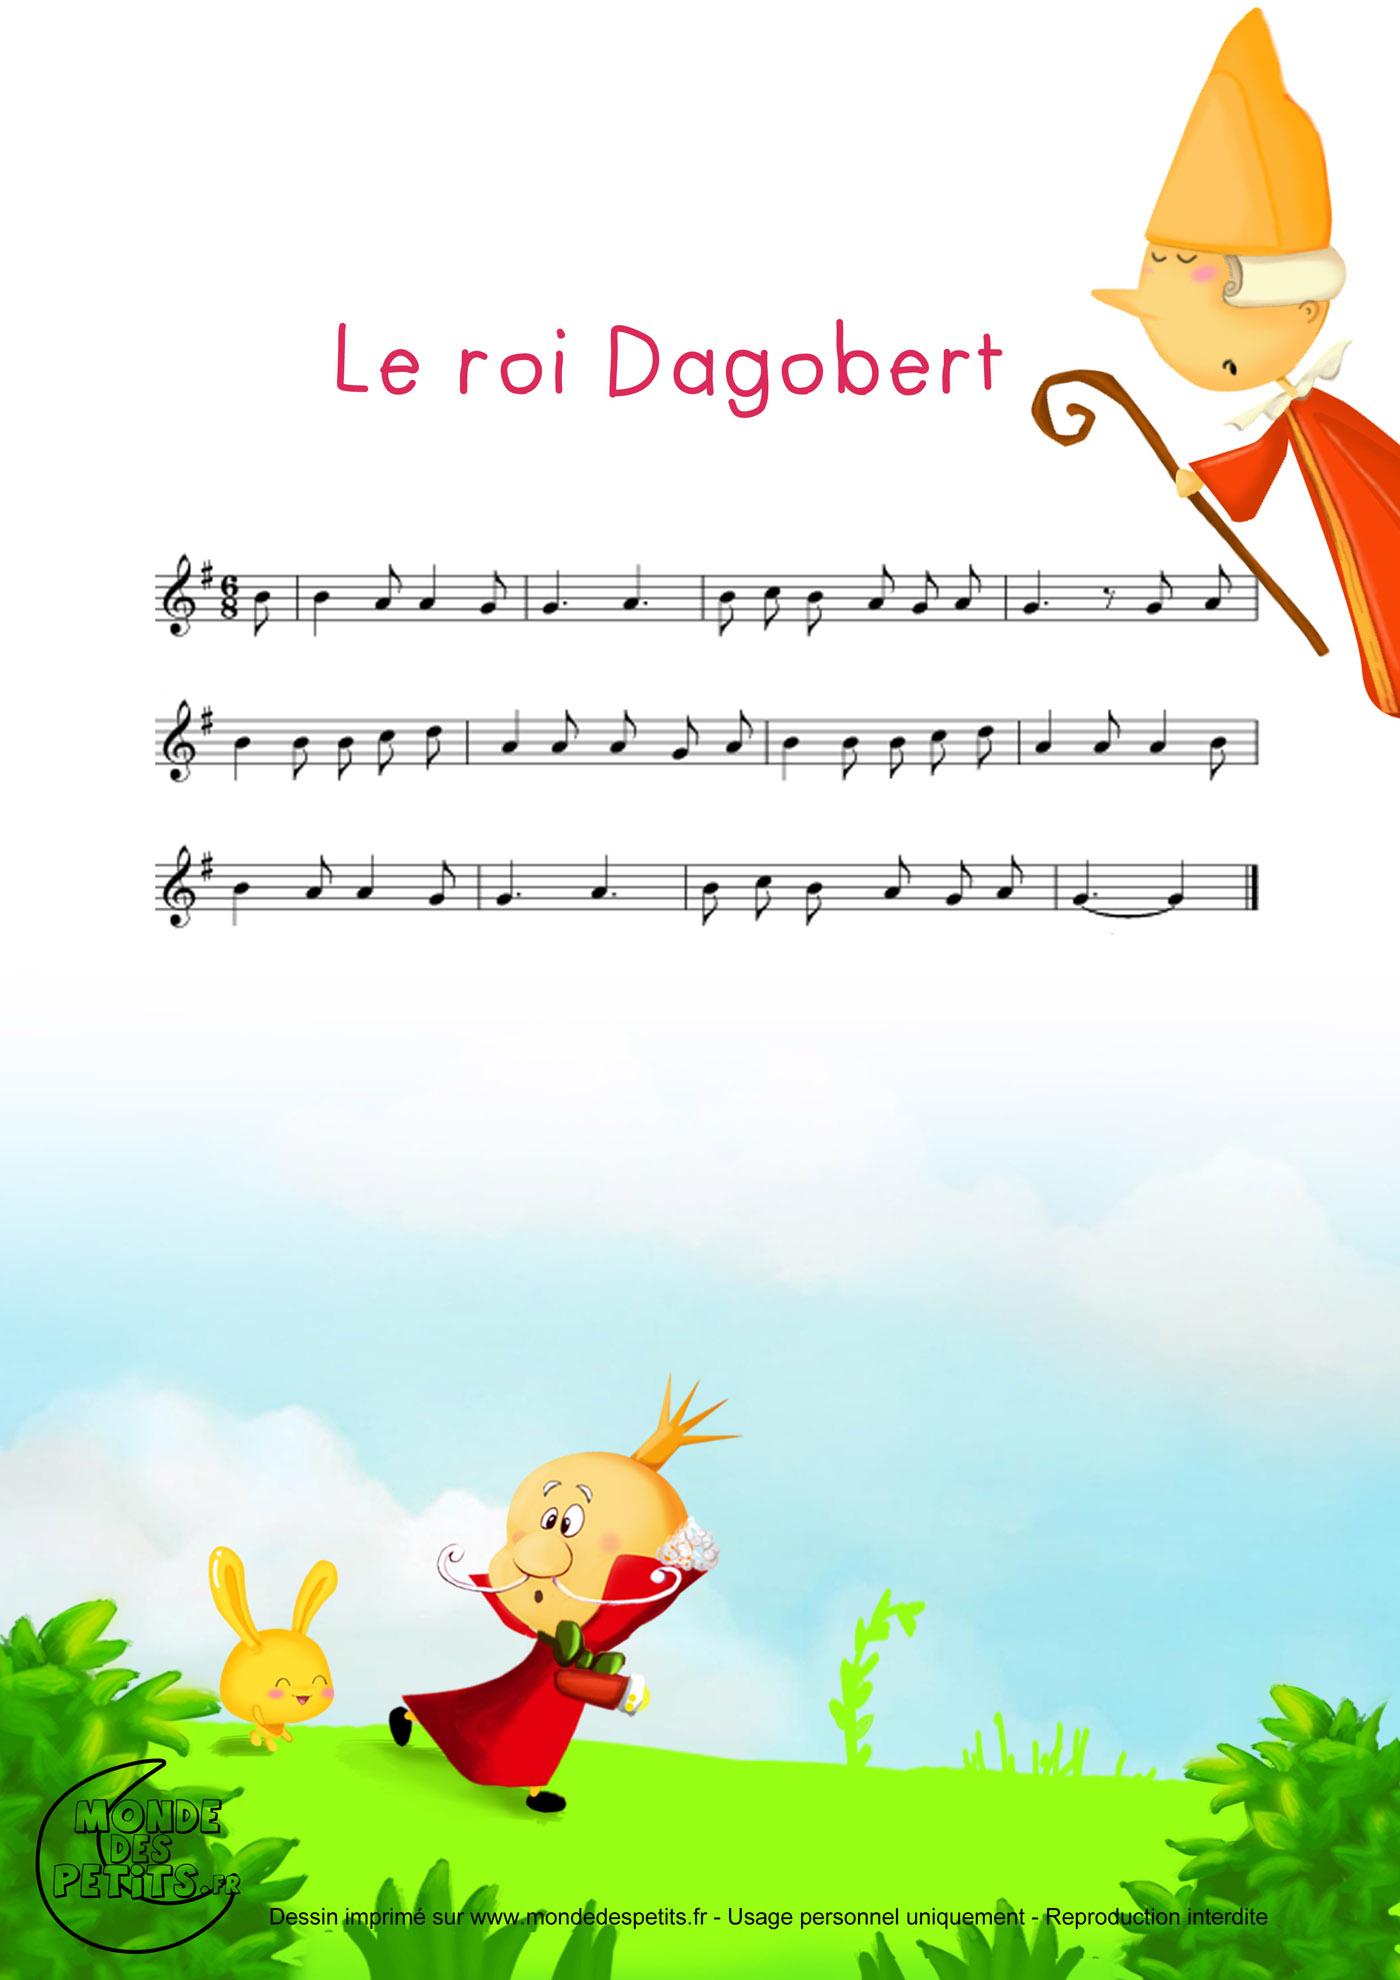 roi, dagobert, bon, vidéo, comptine, chanson, enfant, paroles, partition,